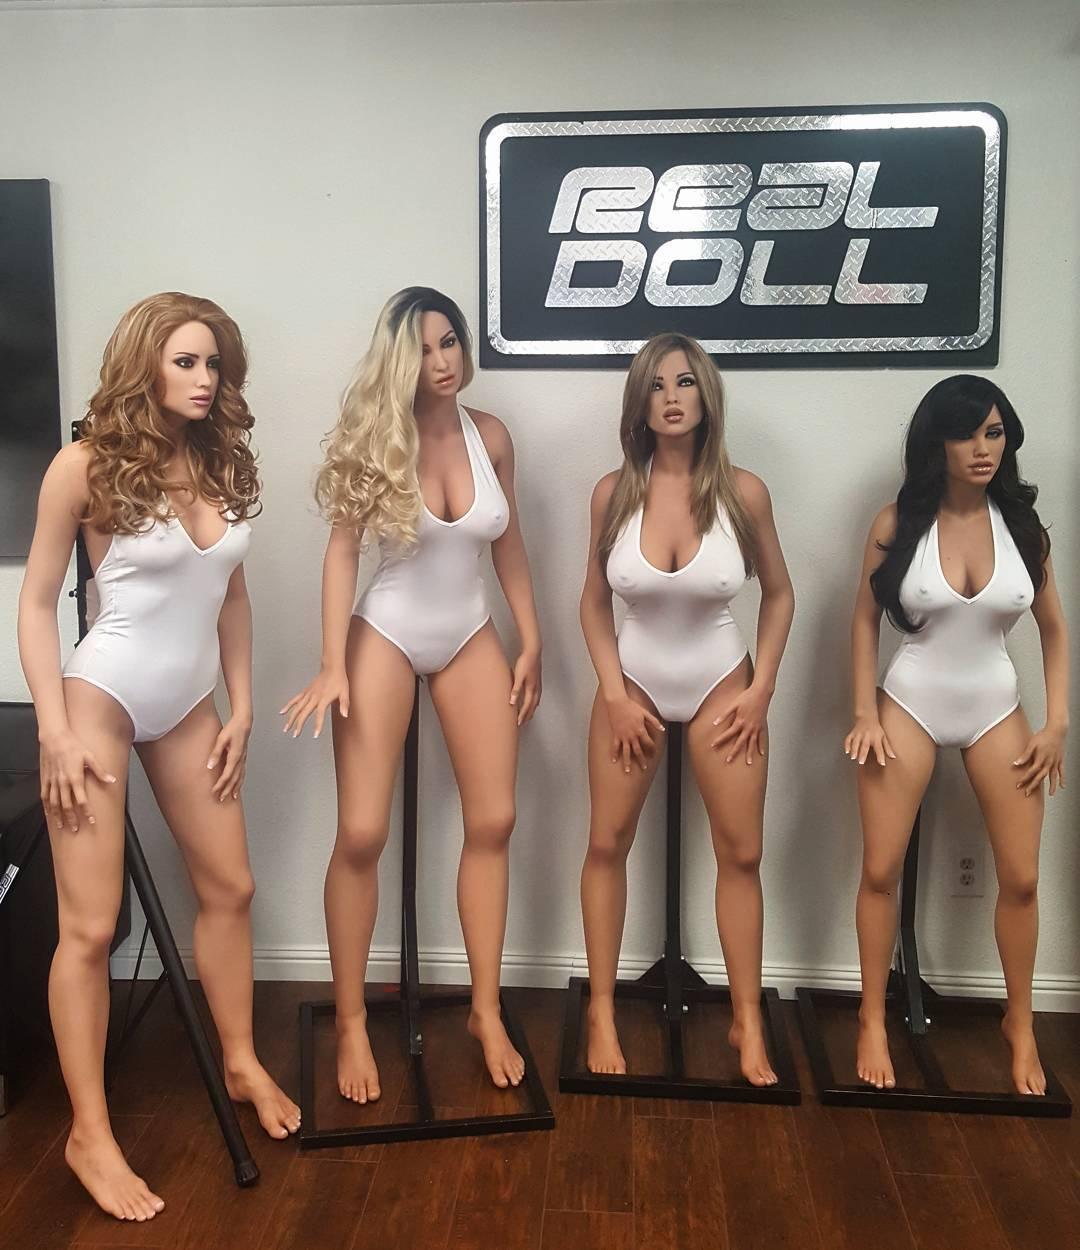 В США создали новейшую секс-куклу, способную имитировать оргазм